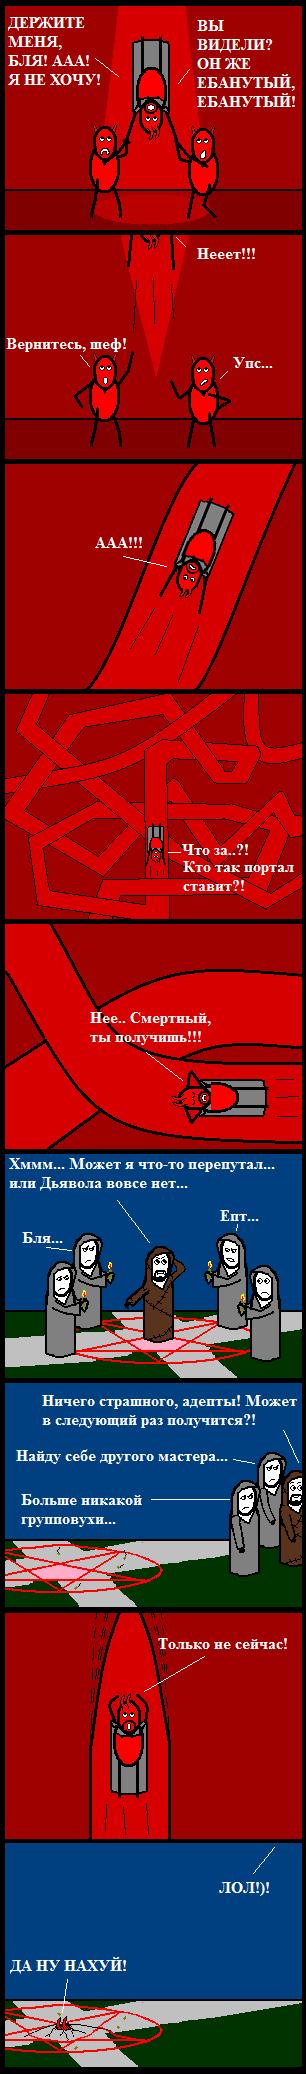 Призывательское - 2 Cynicmansion, Комиксы, Длиннопост